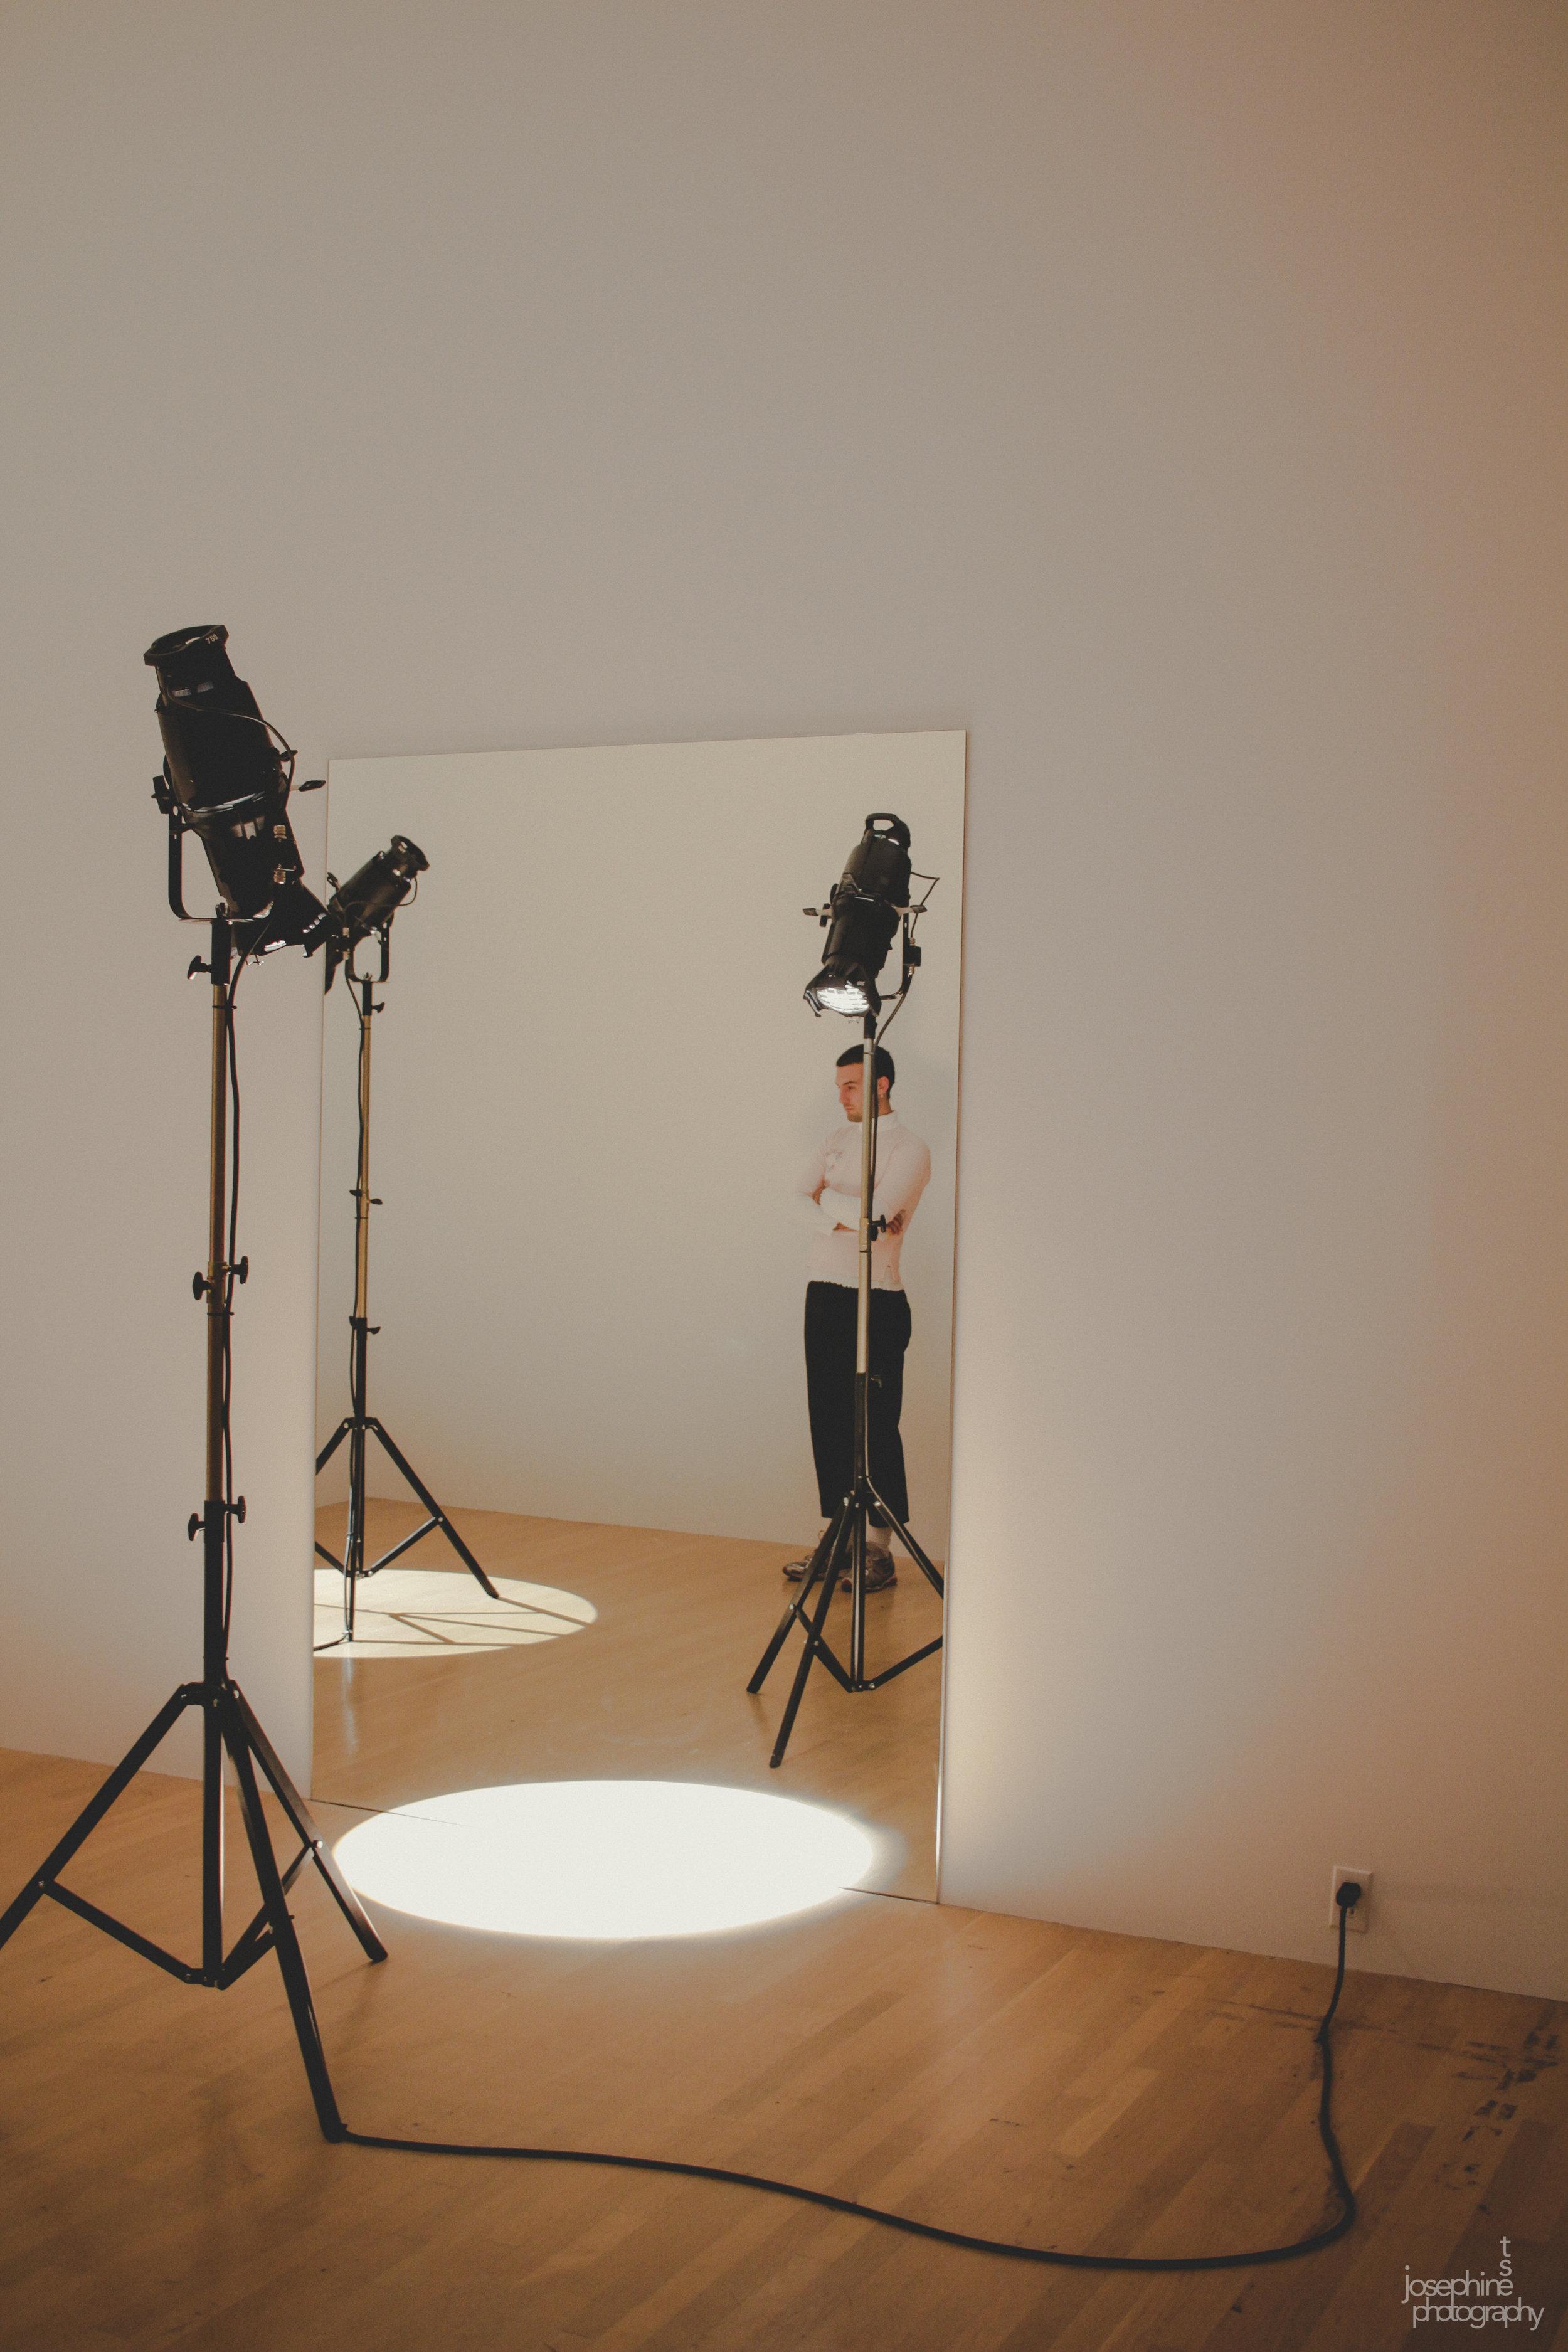 Studio Olafur Eliasson Exhibit at the MAC Musée d'art contemporain de Montréal  Montréal, QC, 09/17